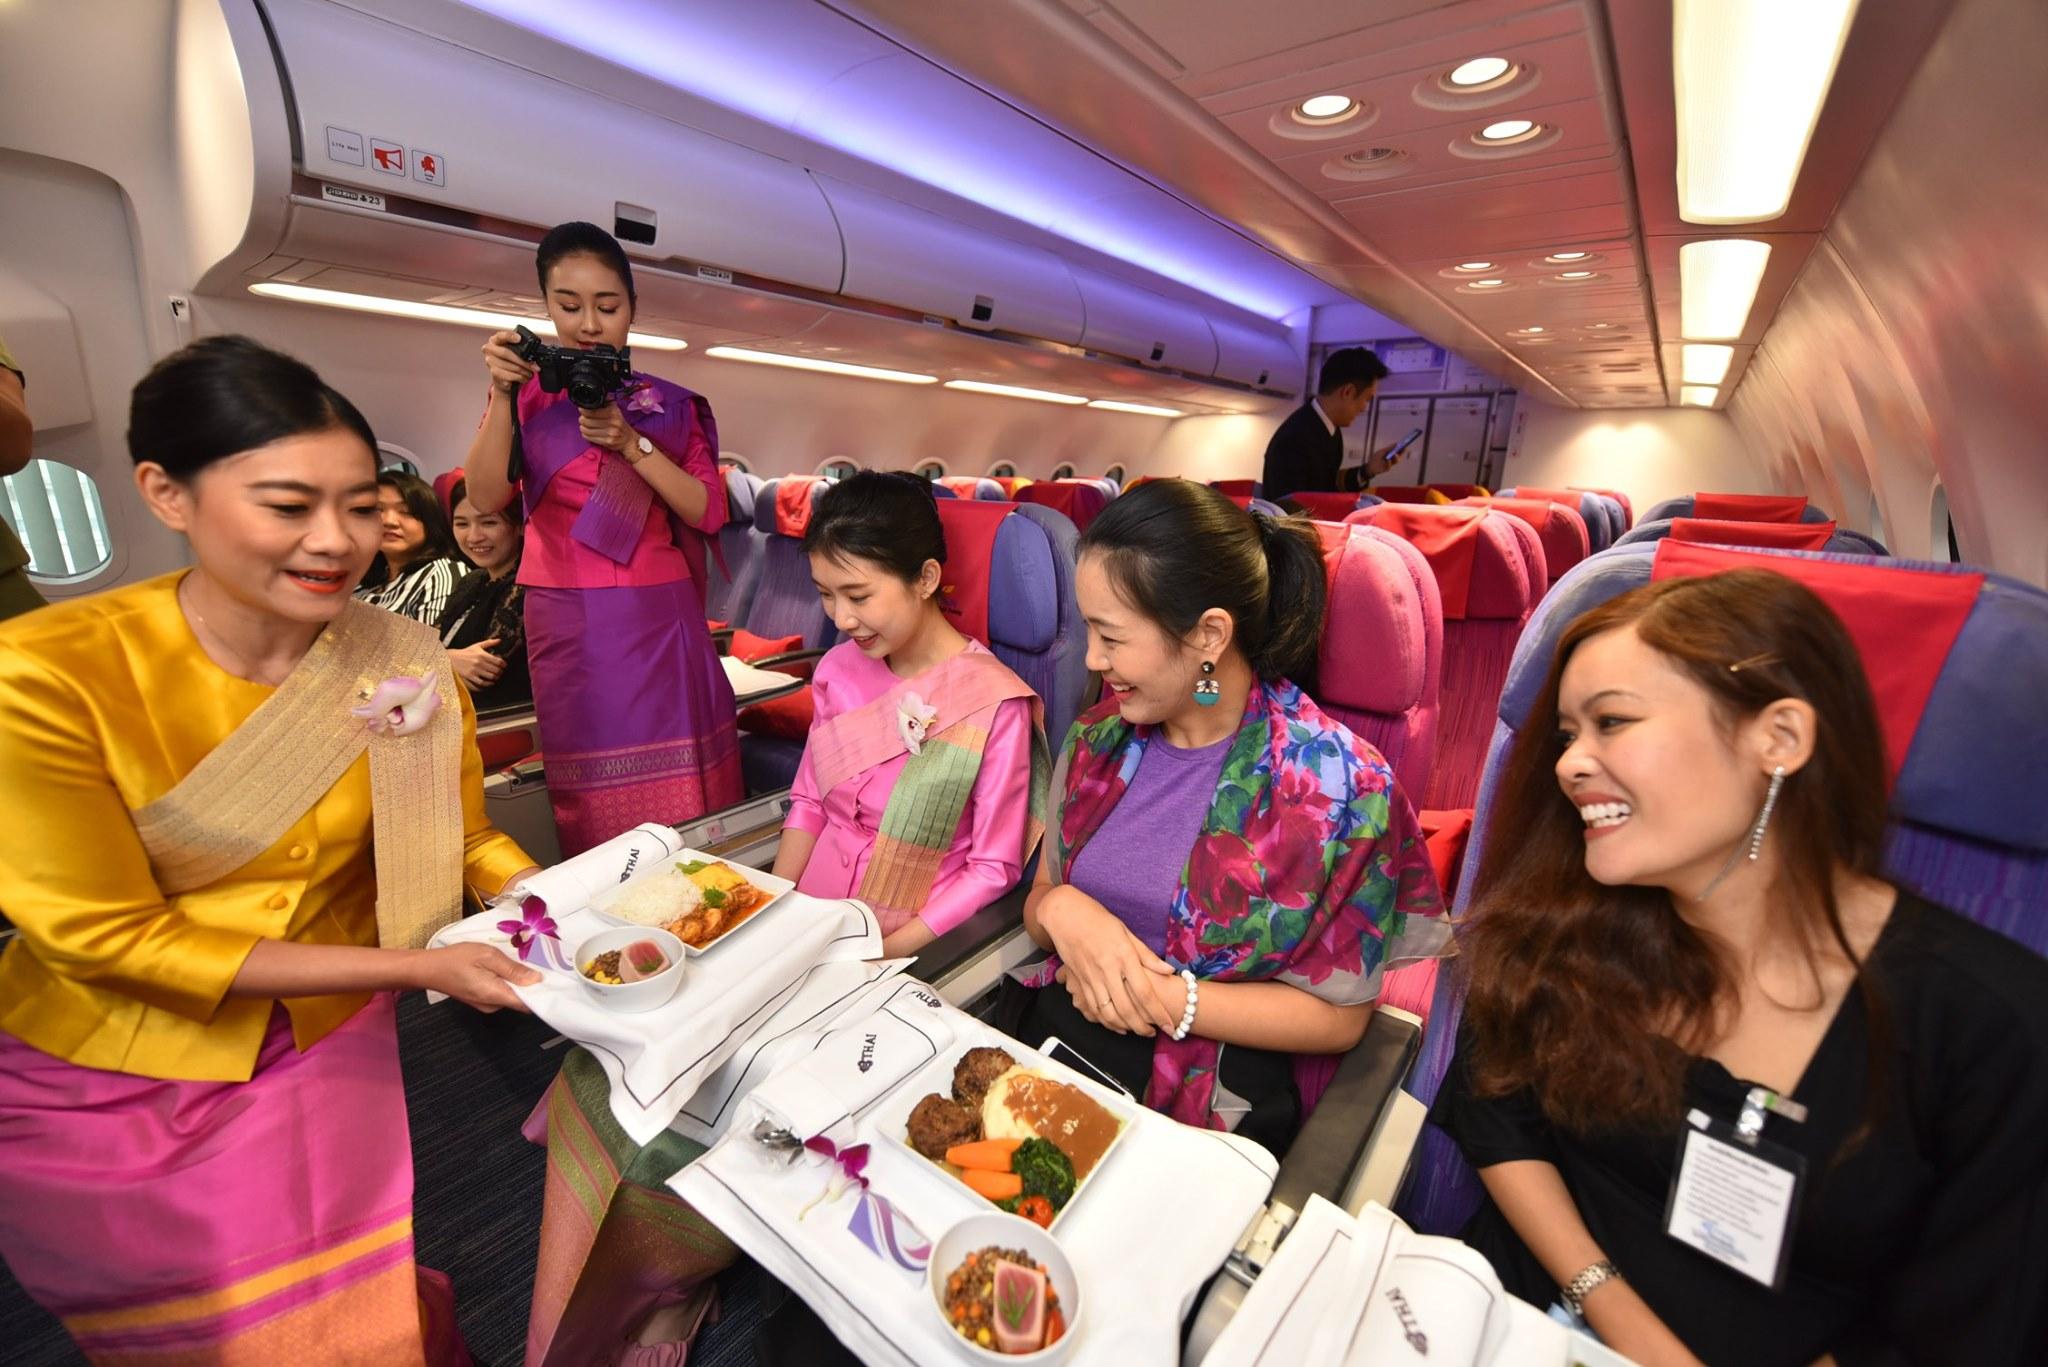 泰航一日空姐體驗(圖片來源:thaiflighttrainingacademy臉書)